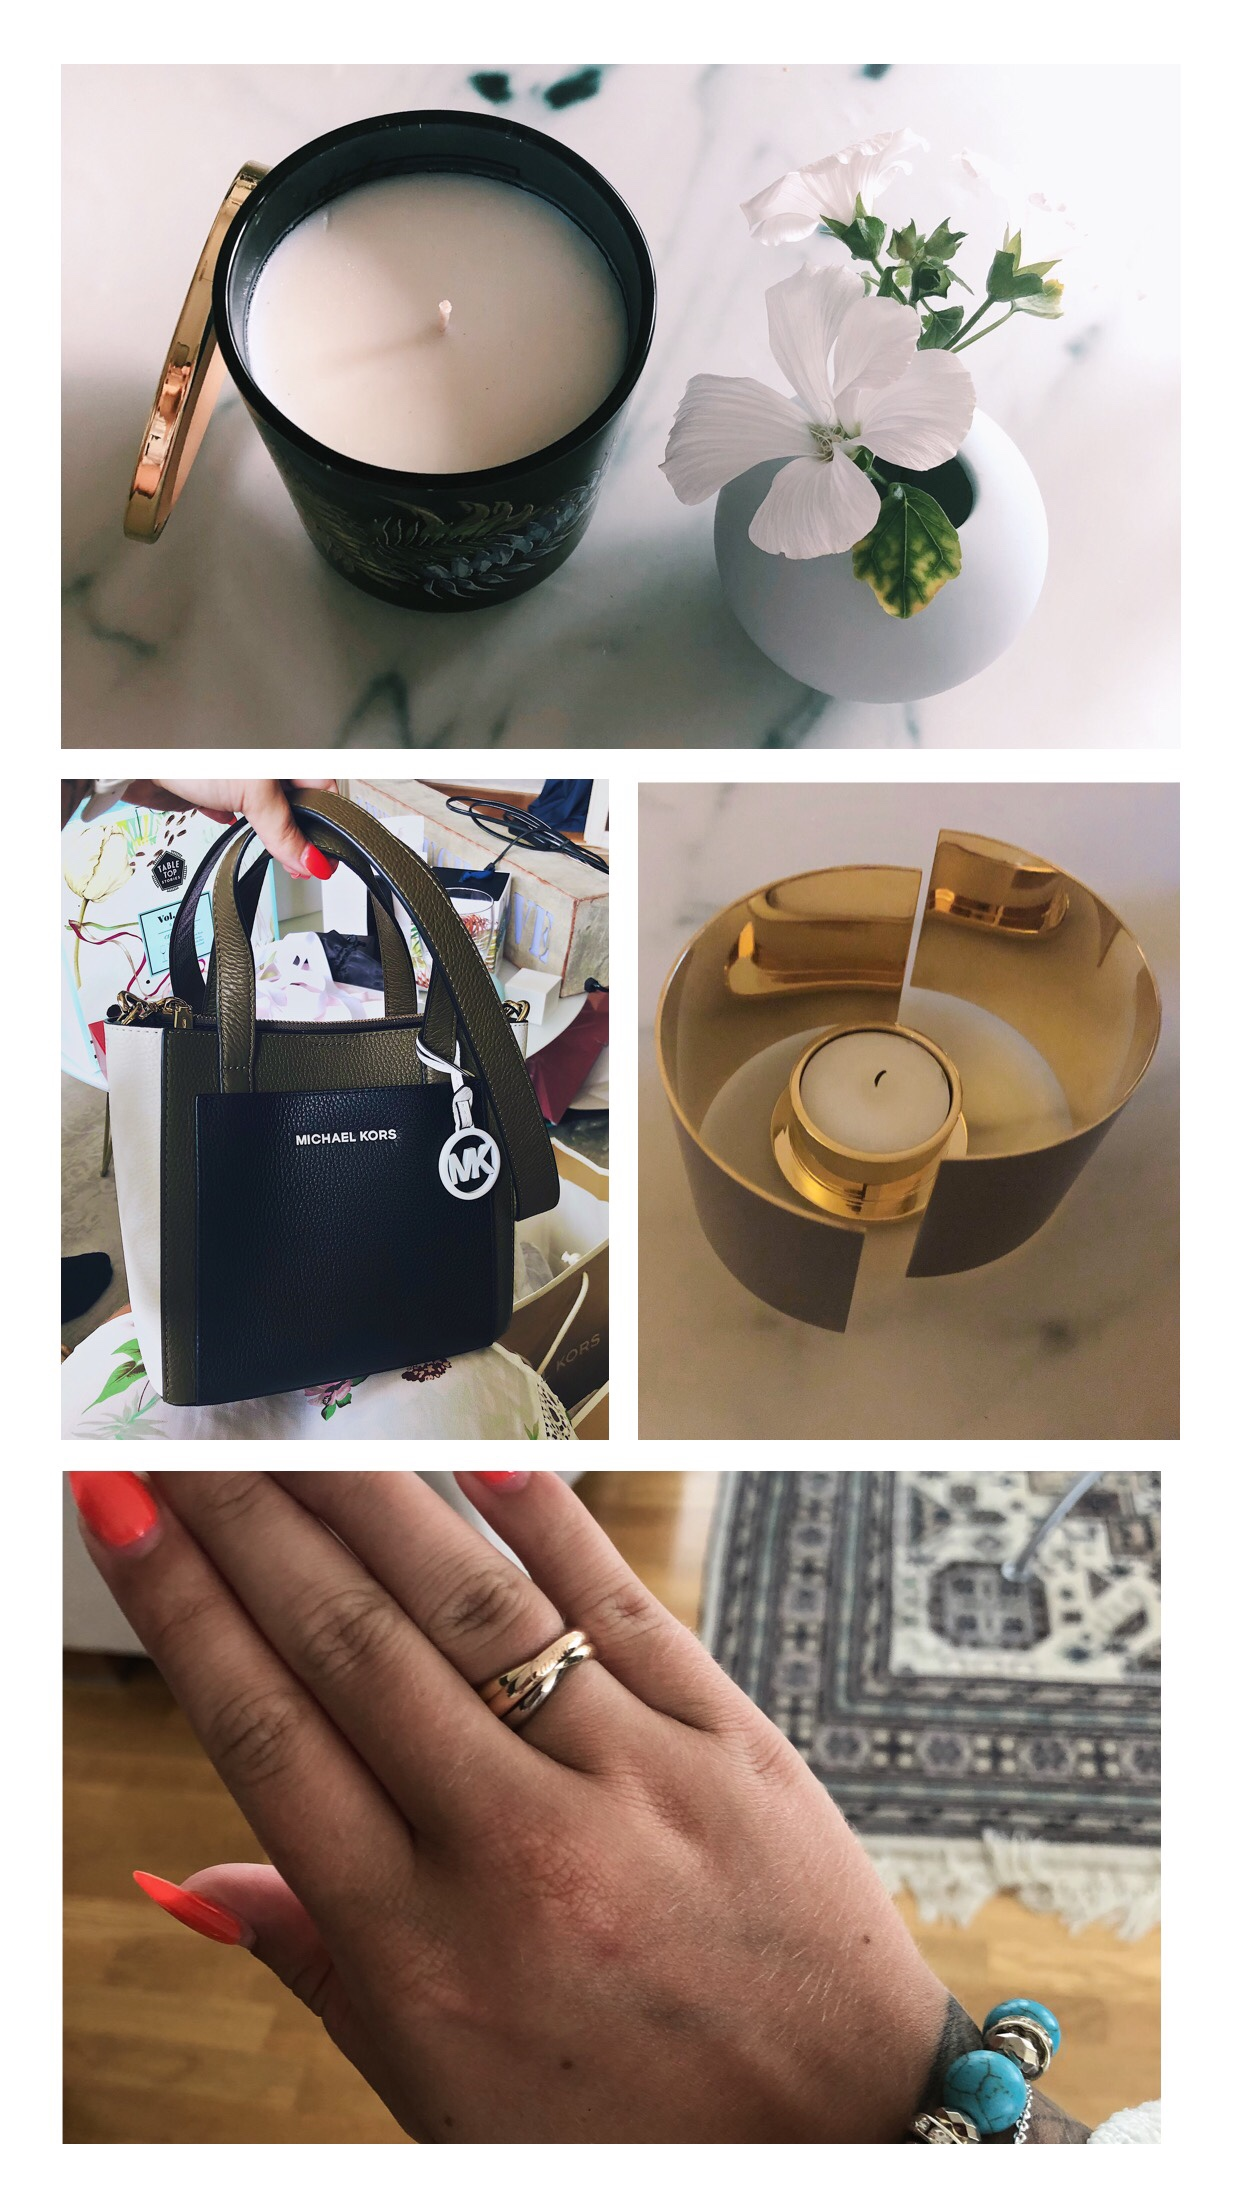 Ett doftljus från Reverie, en fin liten ljusblå vas, en MK-handväska, en ljuslykta från Skultuna och en ring från Cartier.